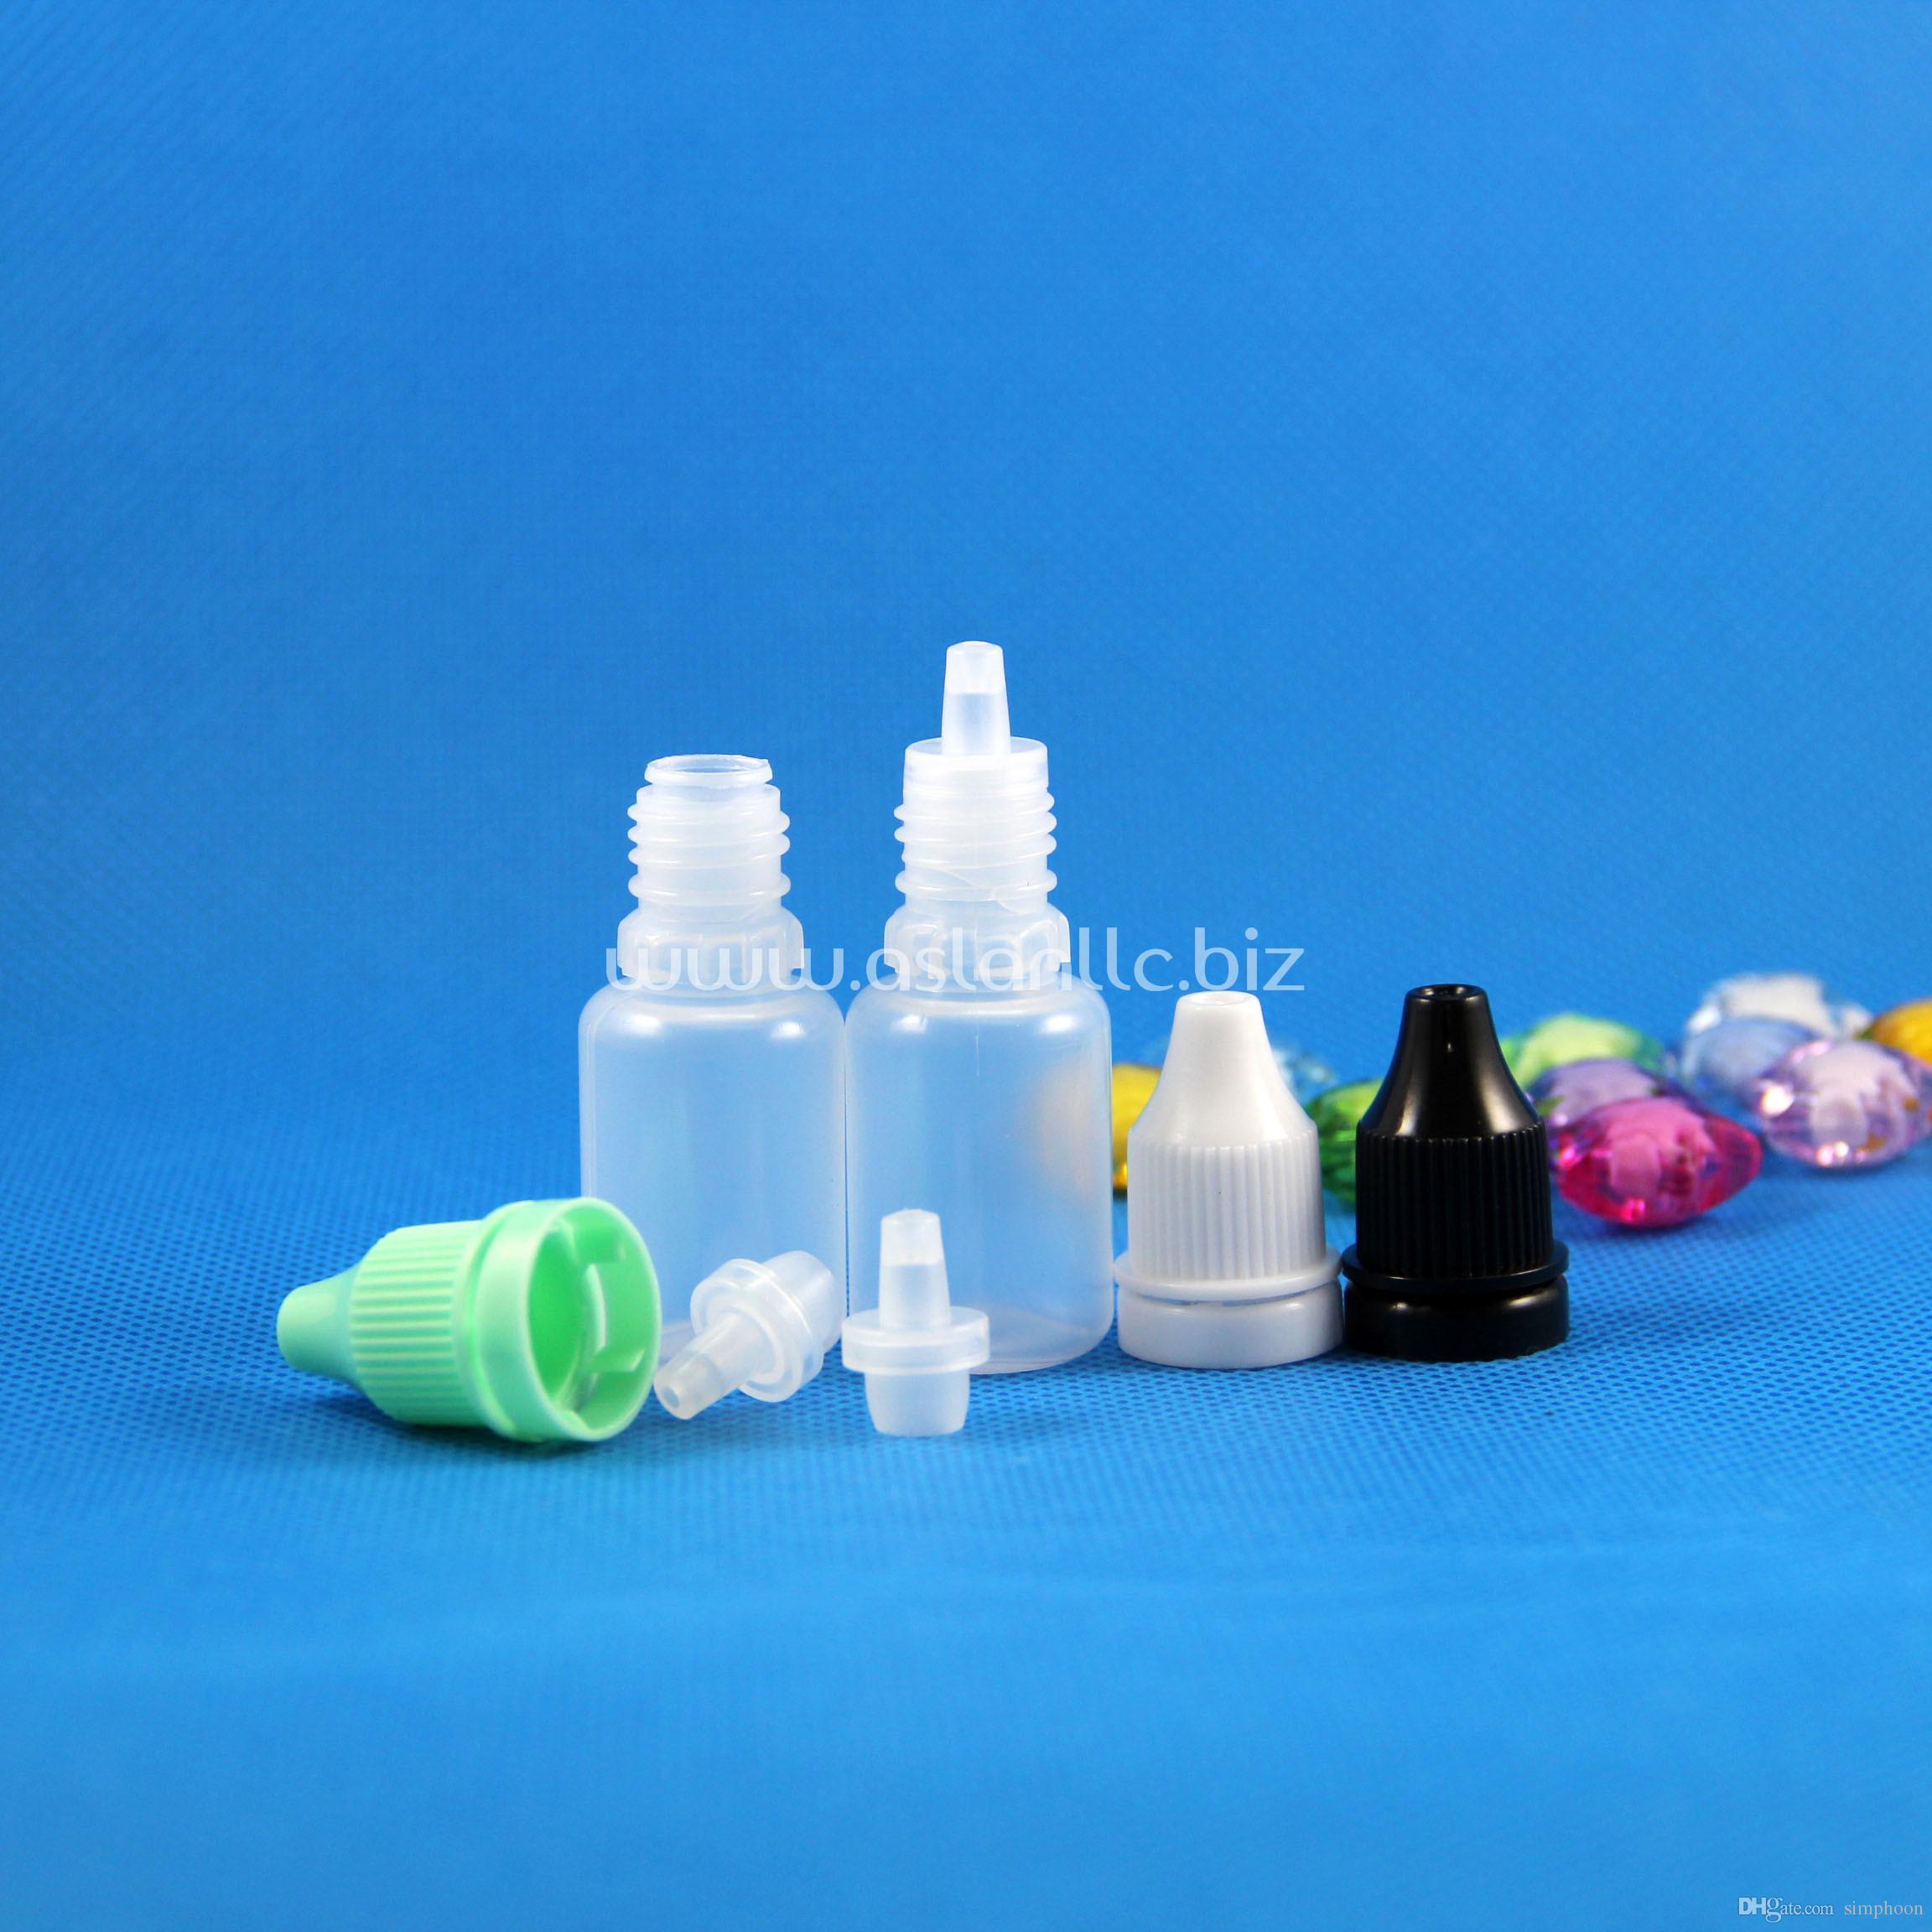 100 Pcs 10 ml (1/3 oz) Plástico Conta-gotas Garrafas À Prova de Calor Caps Dicas Seguro LDPE E Vapor Cig Líquido 10 ml